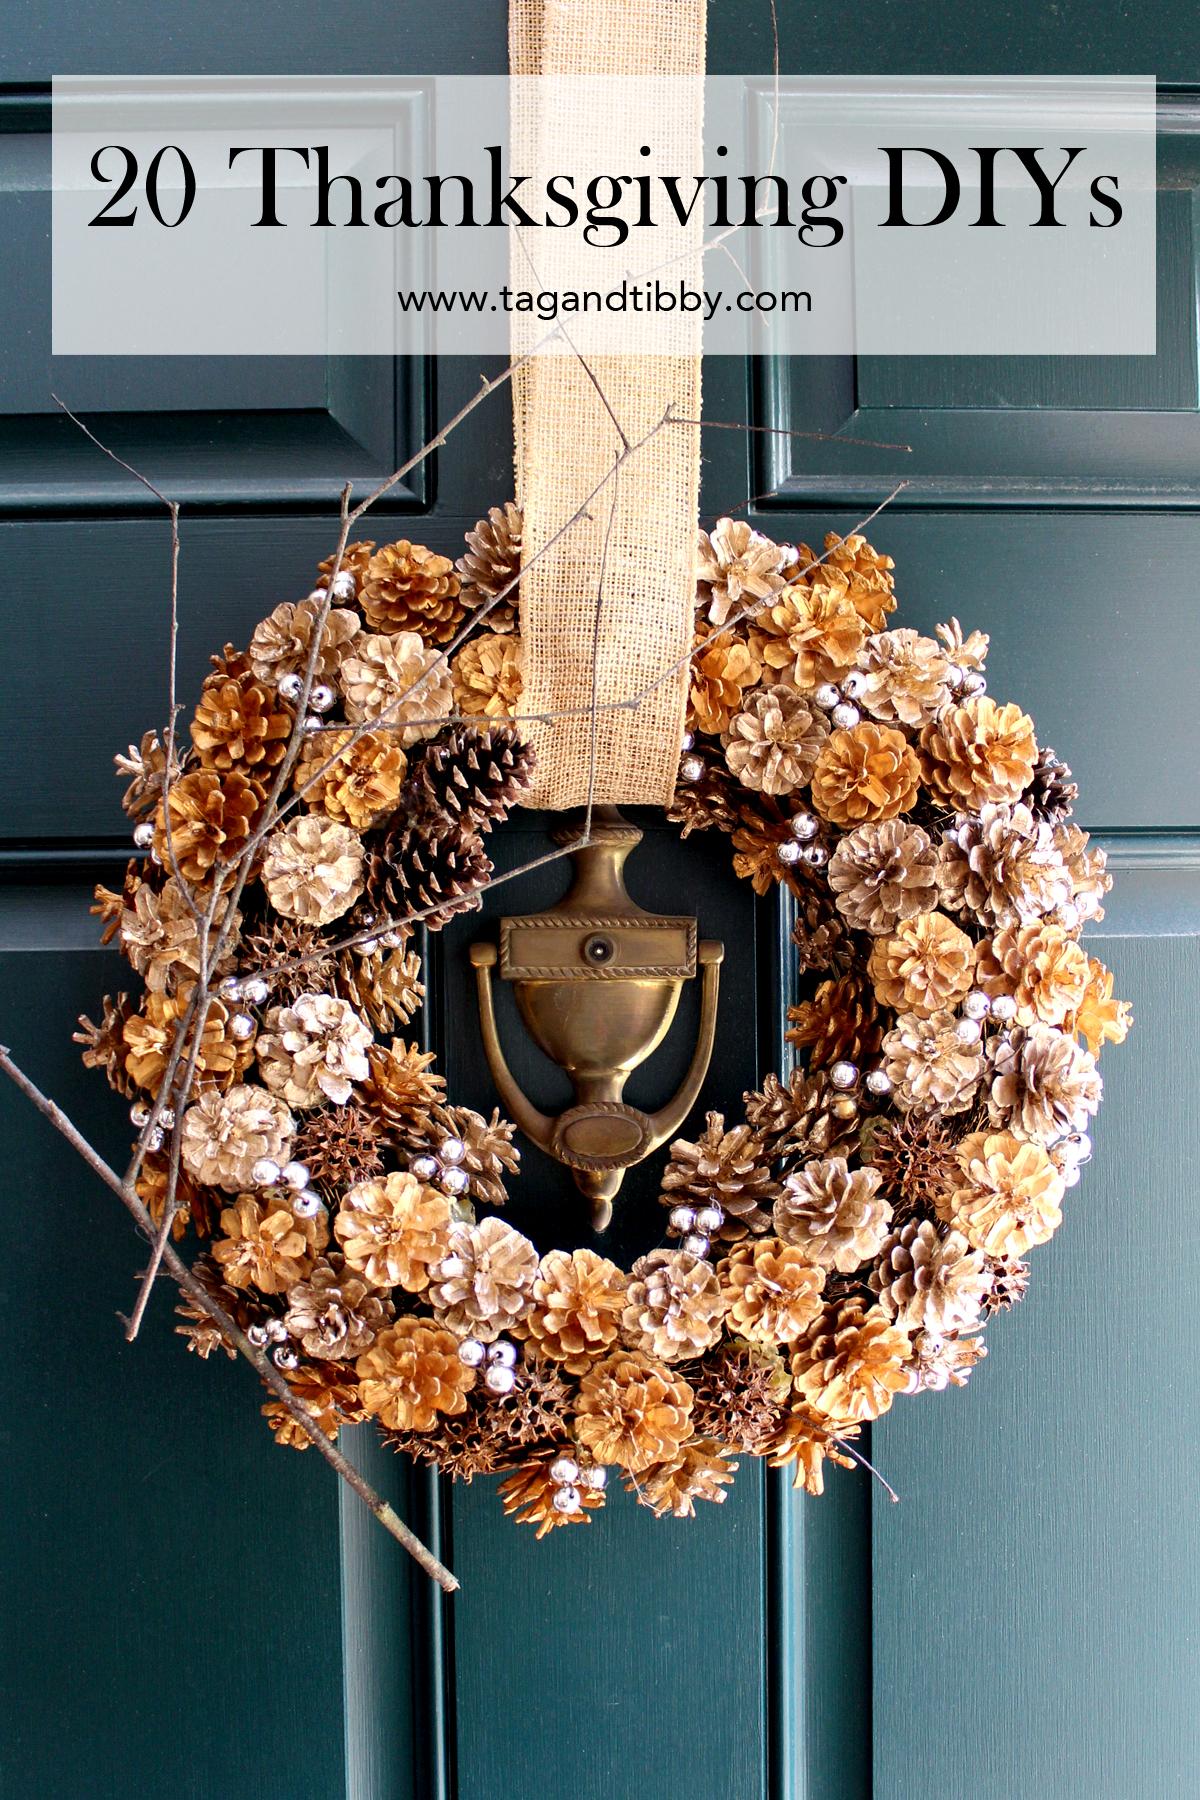 20 Thanksgiving DIY decor ideas!